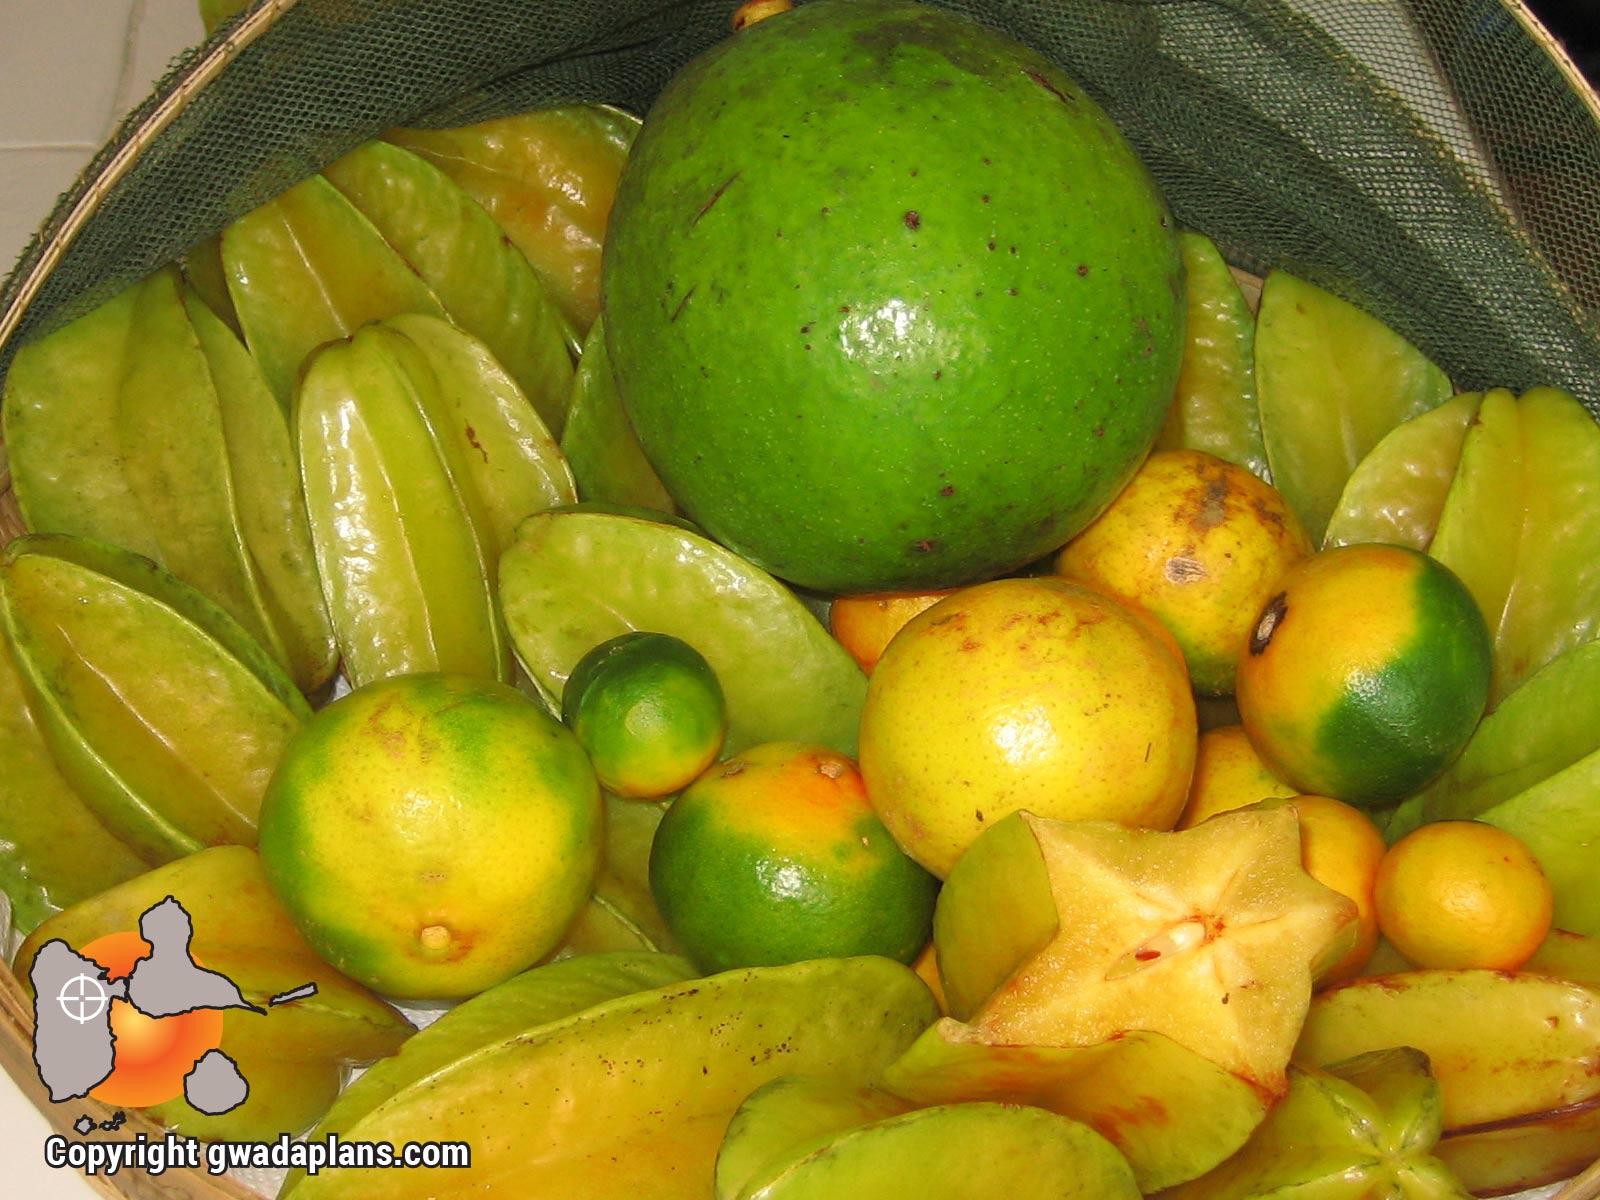 Avocat, caramboles et citrons verts - Gastronomie Guadeloupe